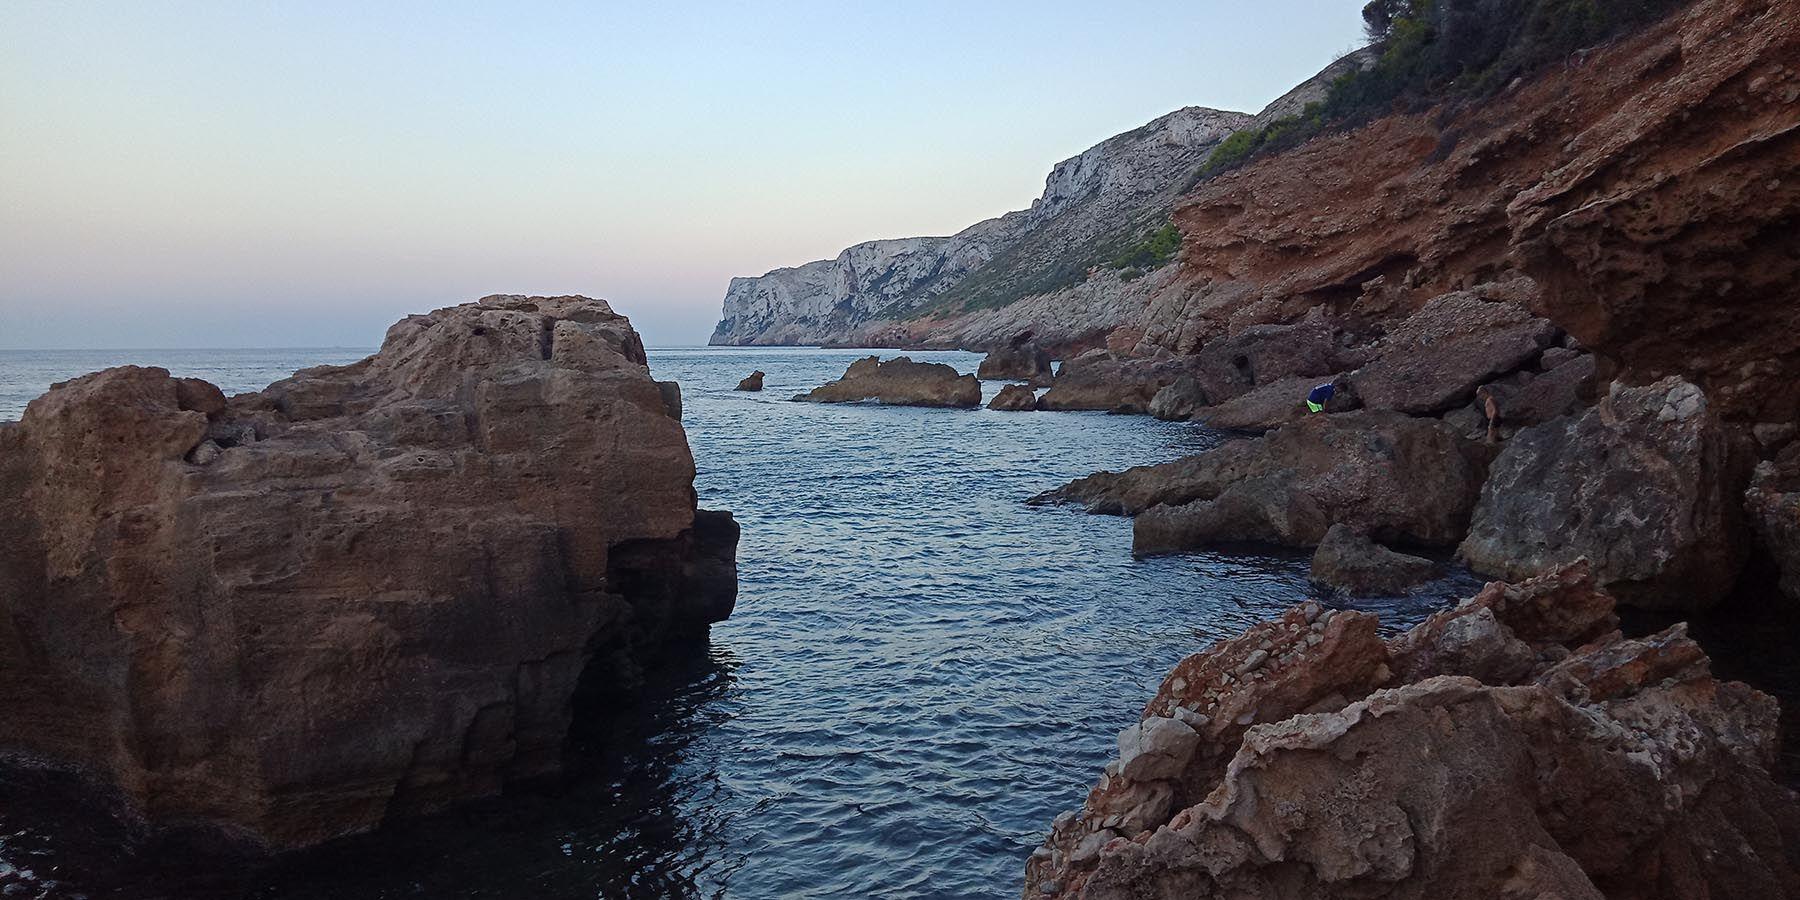 Дения— Испанская жемчужина побережья Коста-Бланка 79586 - Kapital.kz